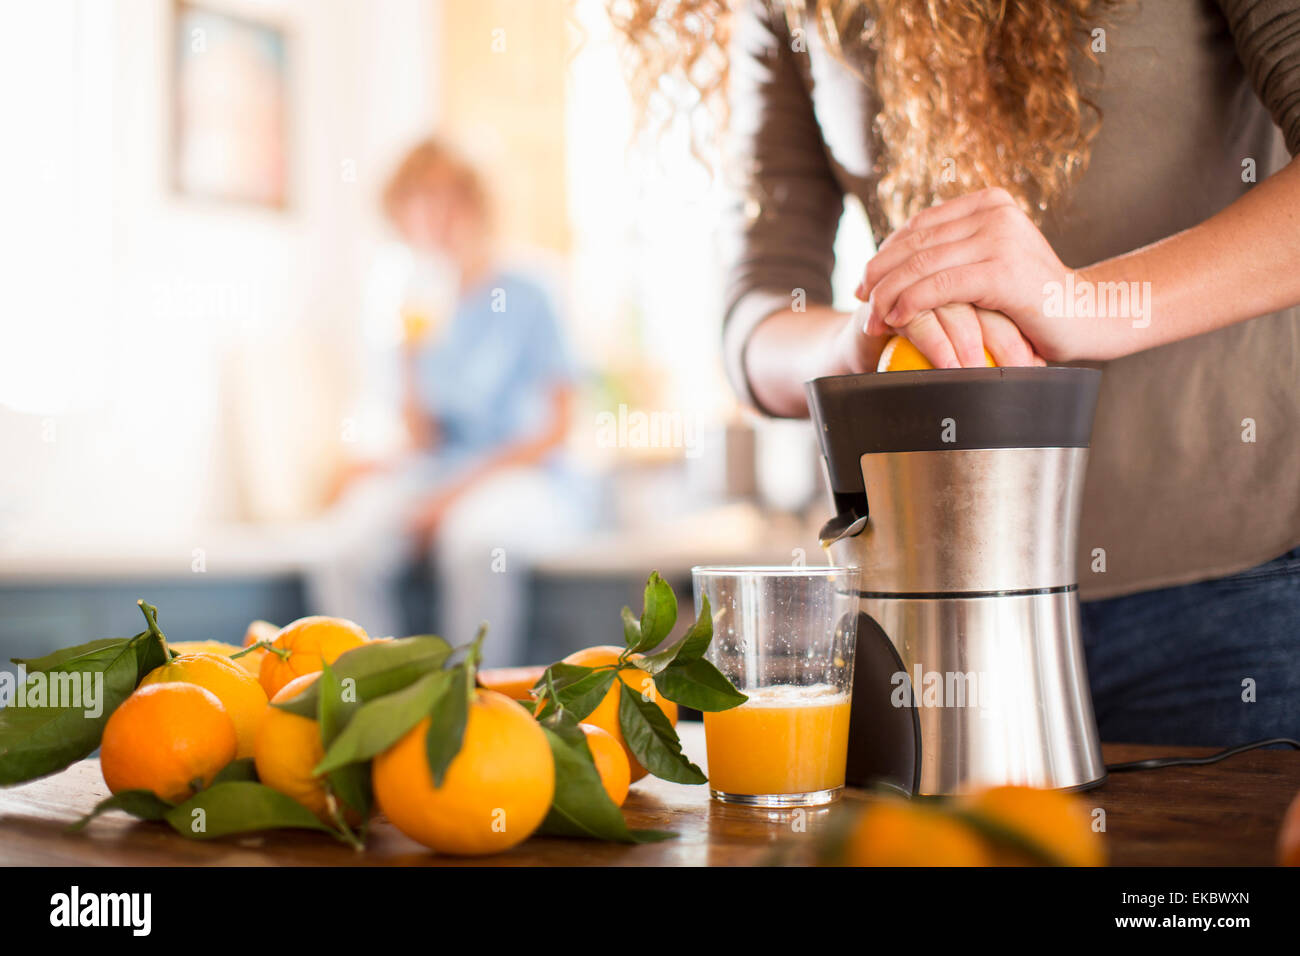 Ragazza adolescente a spremere il succo arancia in cucina Immagini Stock